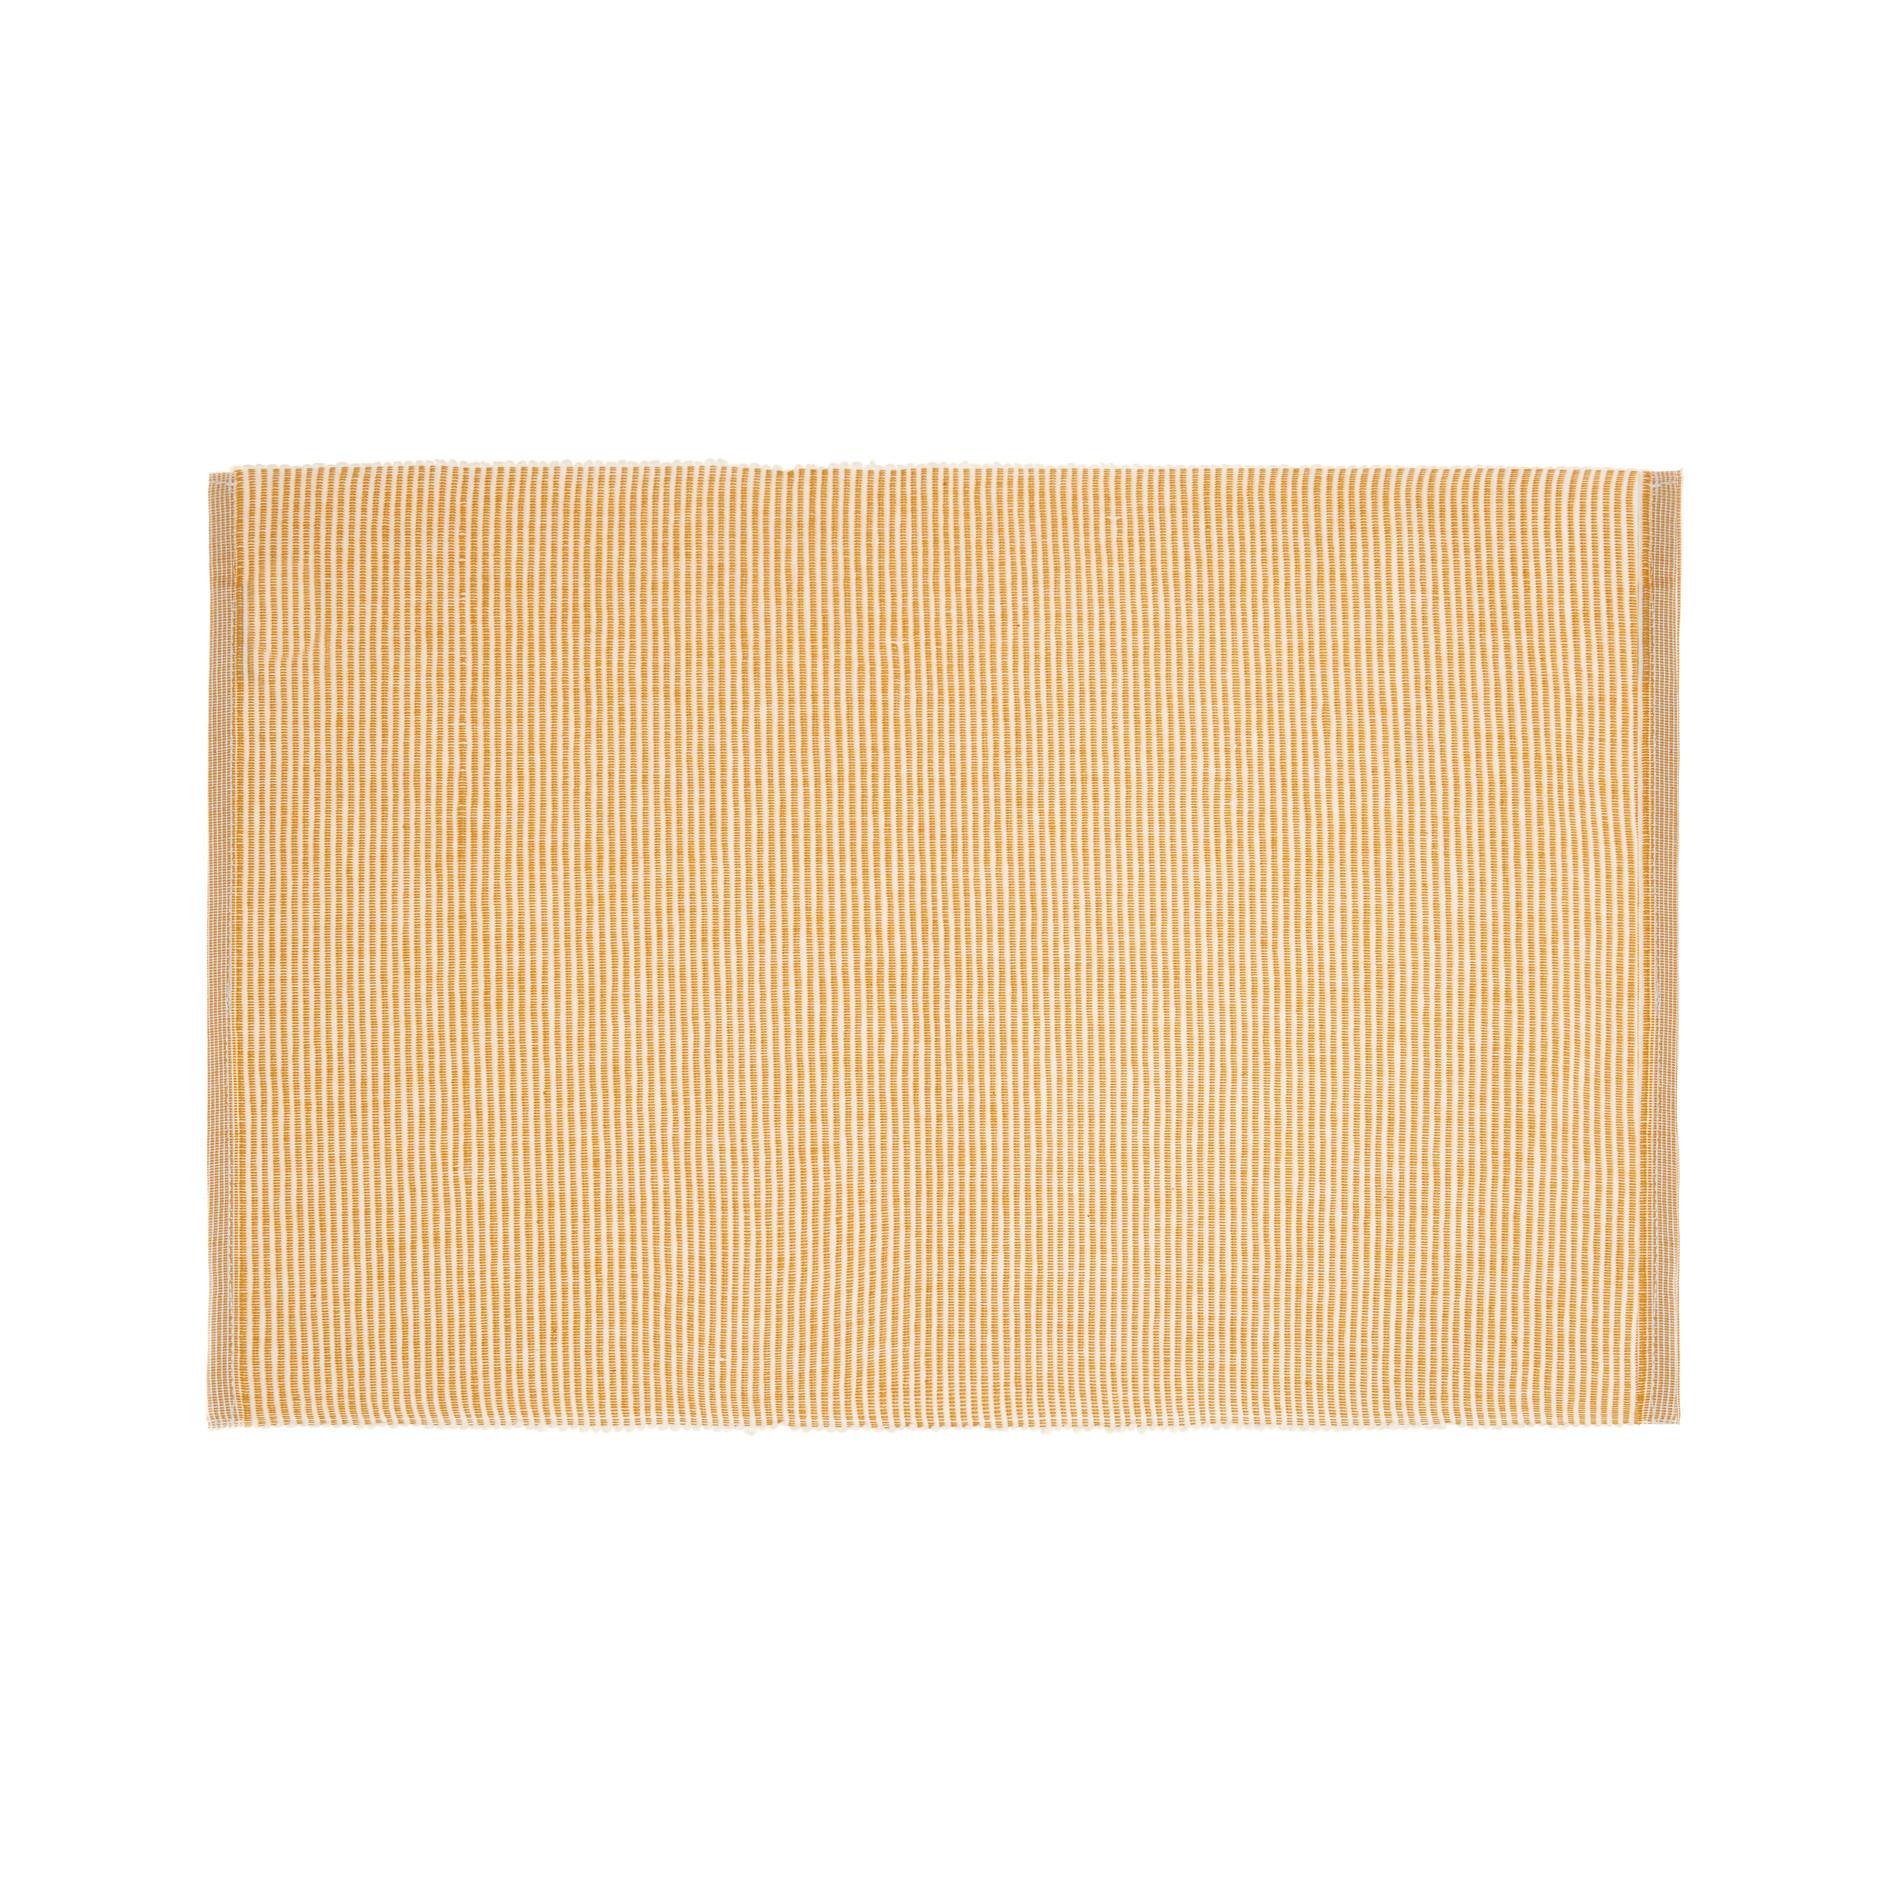 Tovaglietta in costina di cotone a righe, Bianco/Giallo, large image number 0